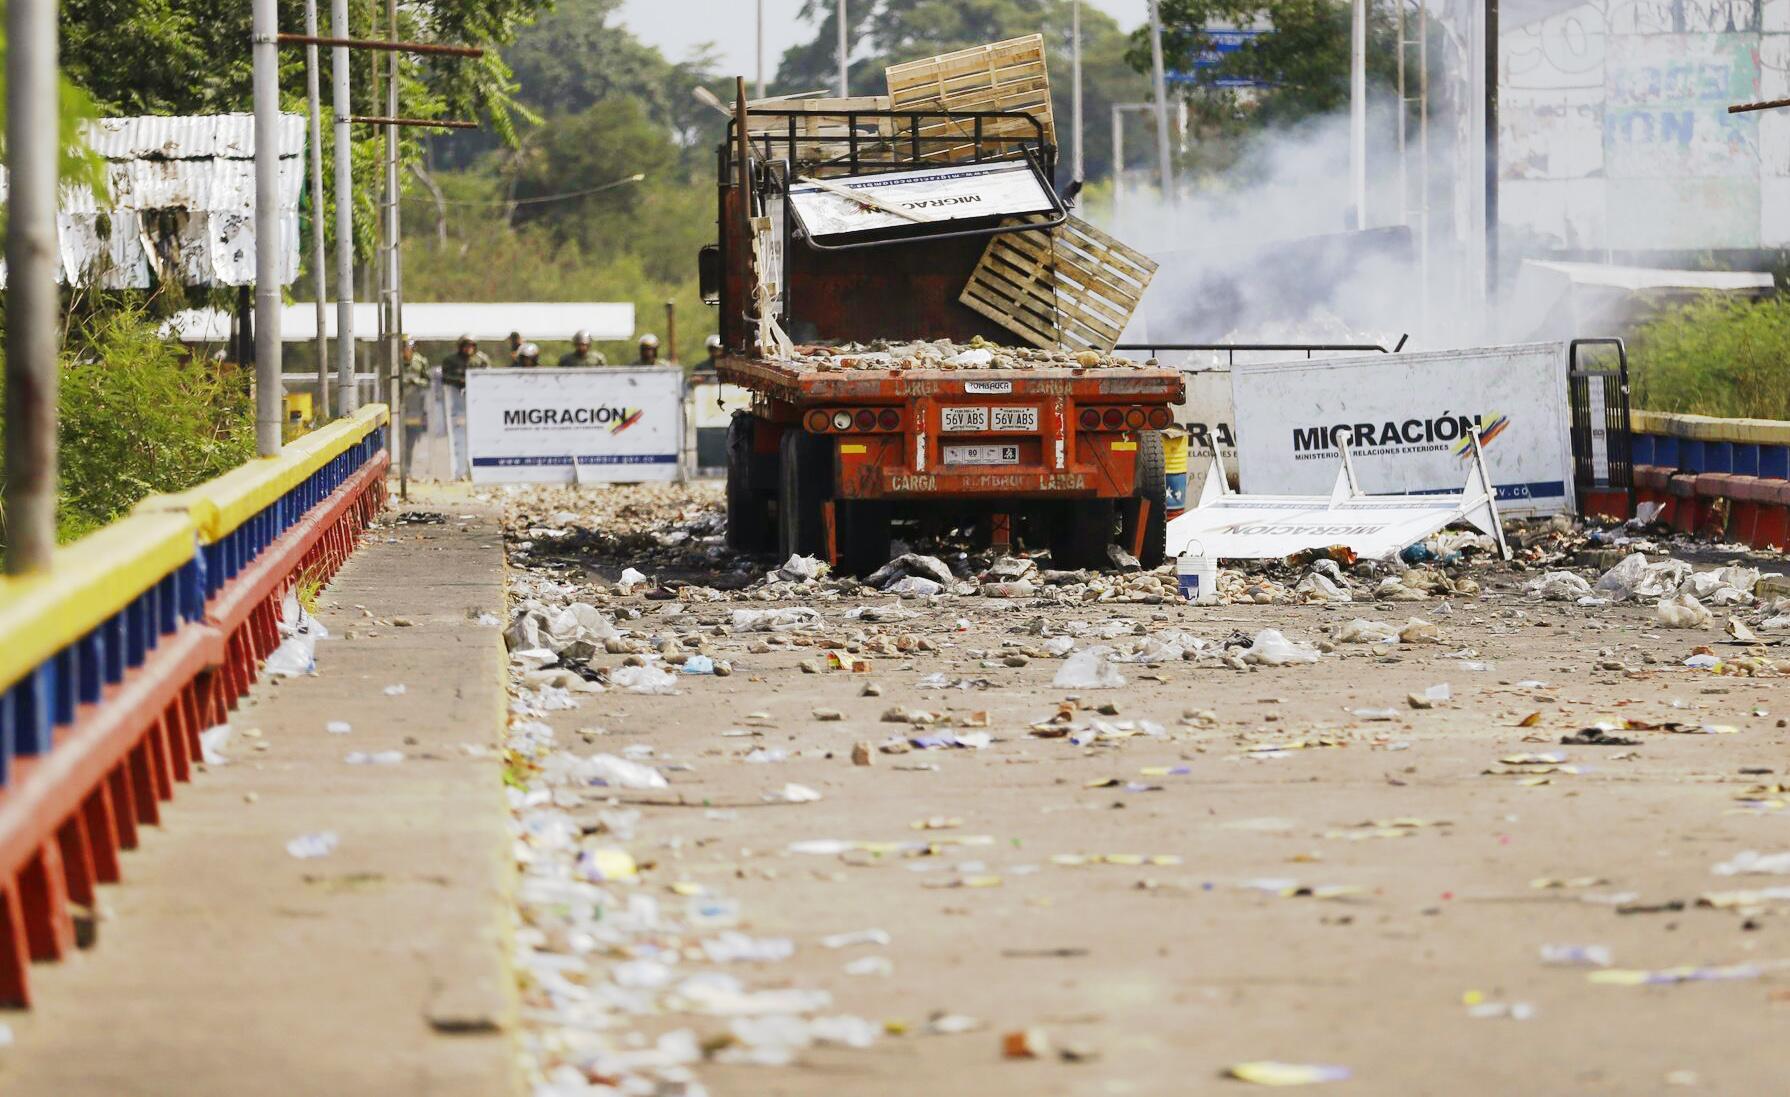 Bild zu Politische Krise in Venezuela - Grenze zu Kolumbien